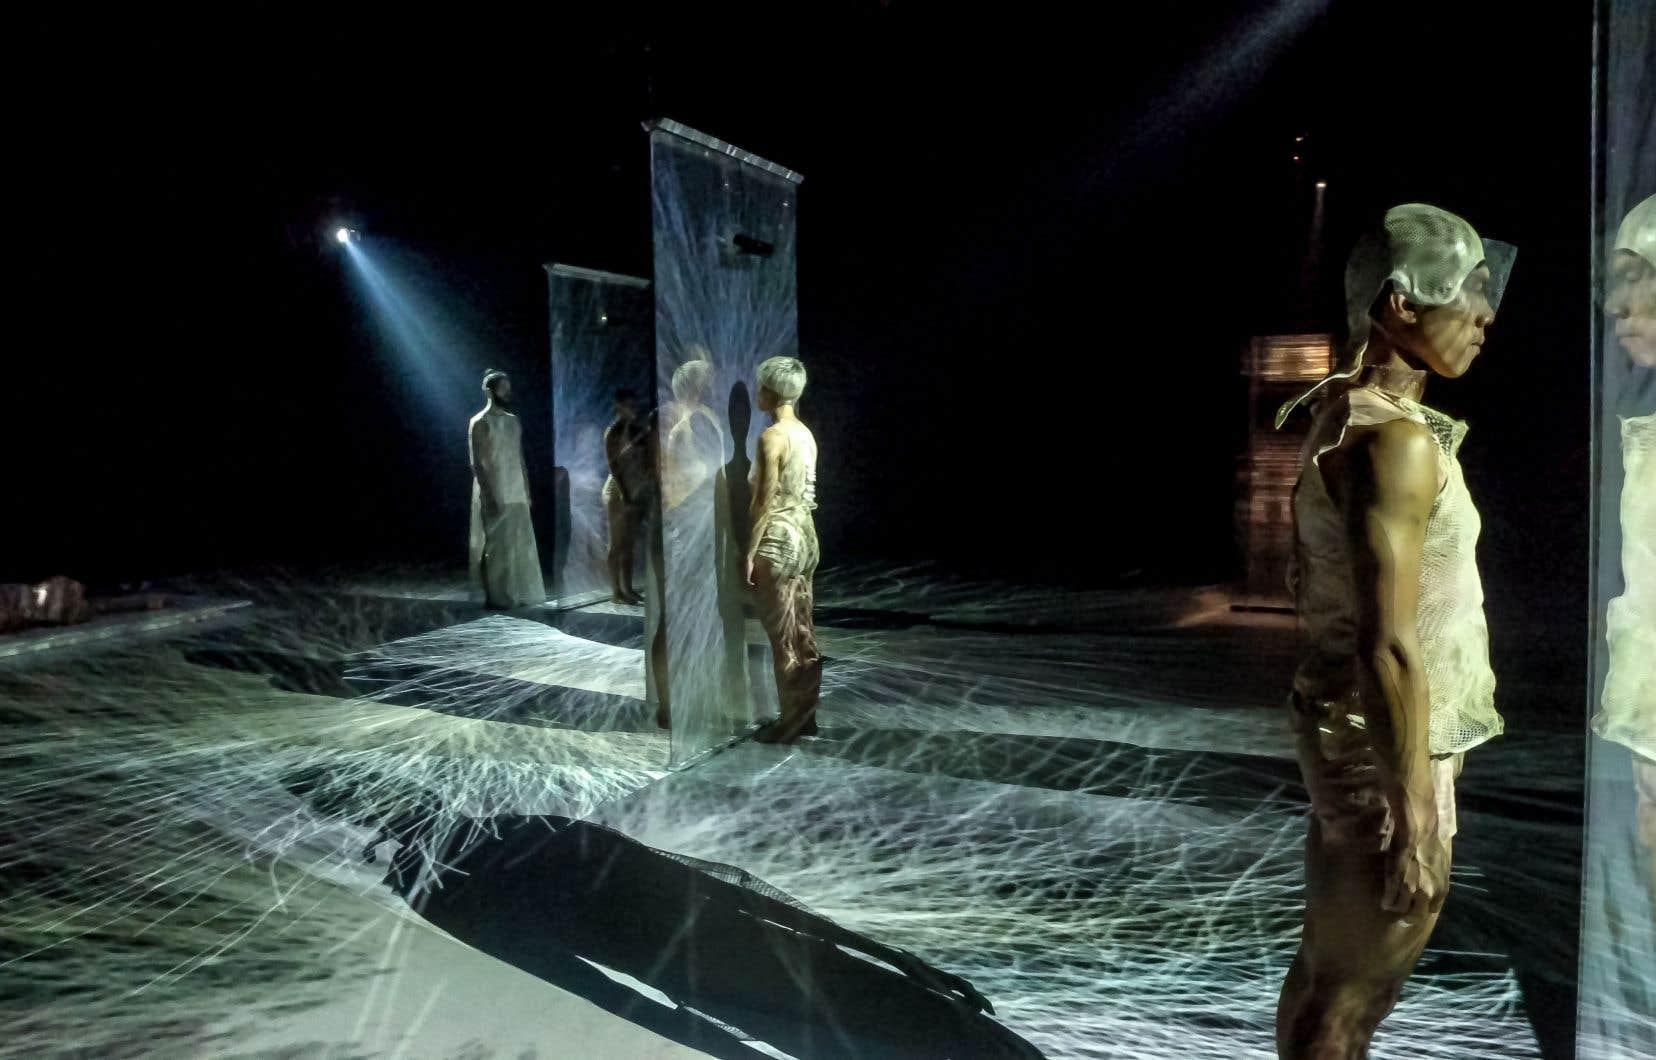 Inspirée tant des disciplines scientifiques qu'artistiques hors danse, «Eve 2050» s'inscrit dans la continuité des expositions «Le corps en question(s)» et «Corps secret», corps public qui rassemblaient une pluralité de réflexions sur le corps humain menées par des chercheurs et des artistes visuels.